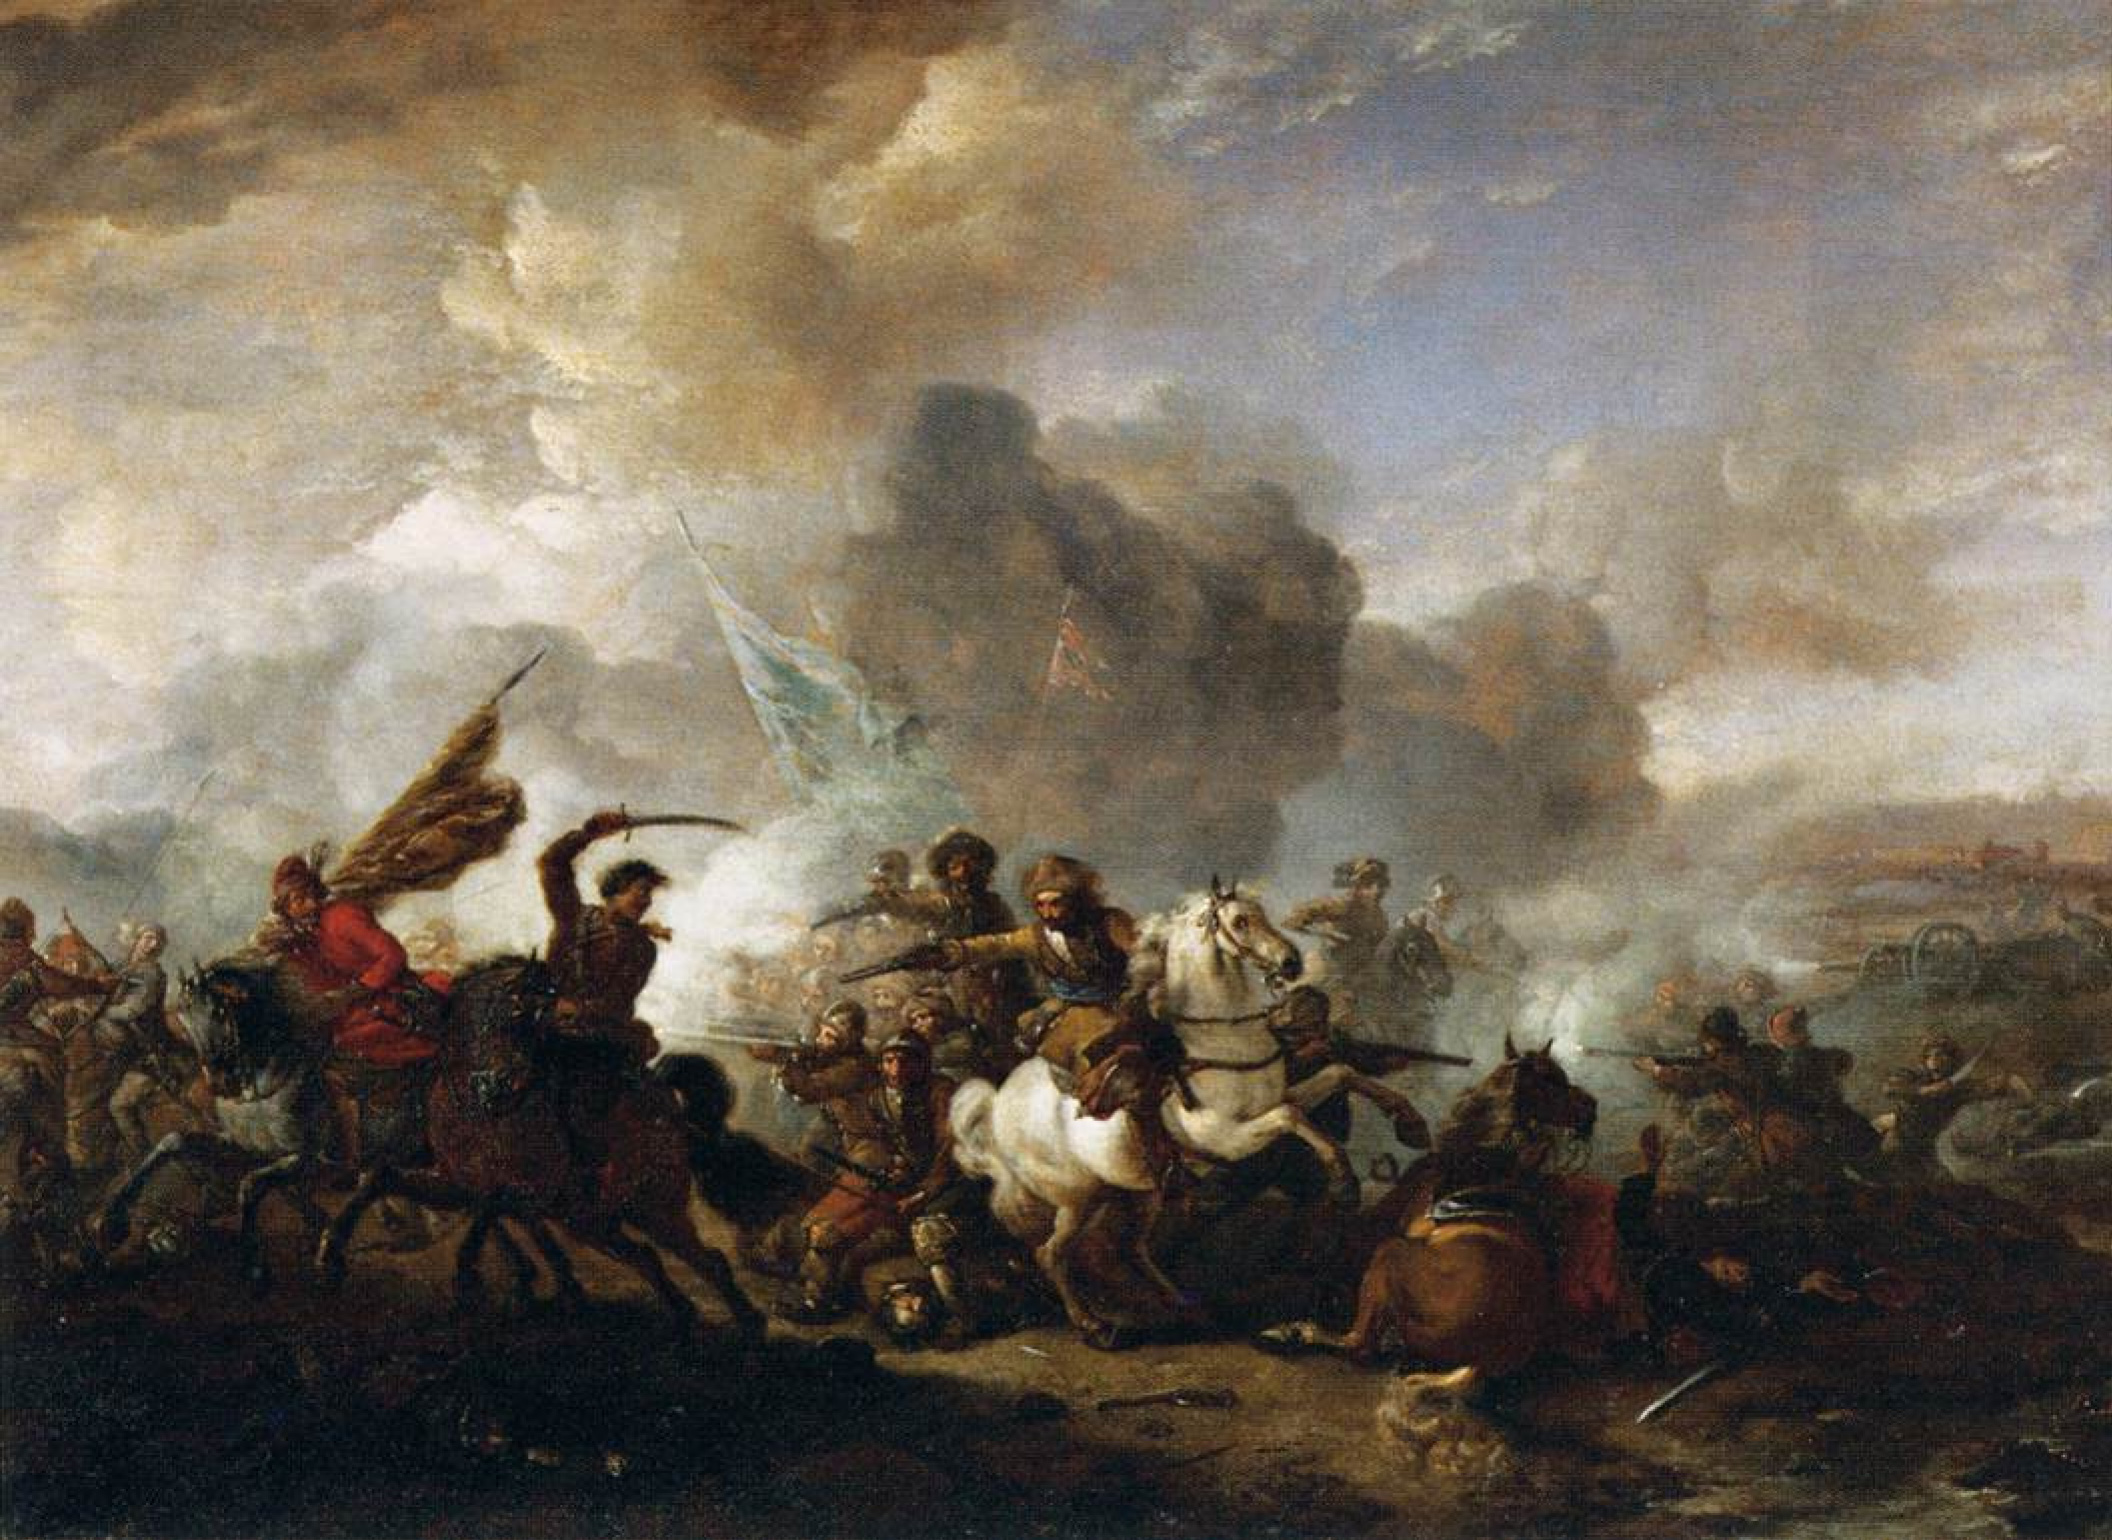 Филипс Вауверман (Воуверман). Схватка между восточной кавалерией и кавалерией Священной Римской империи